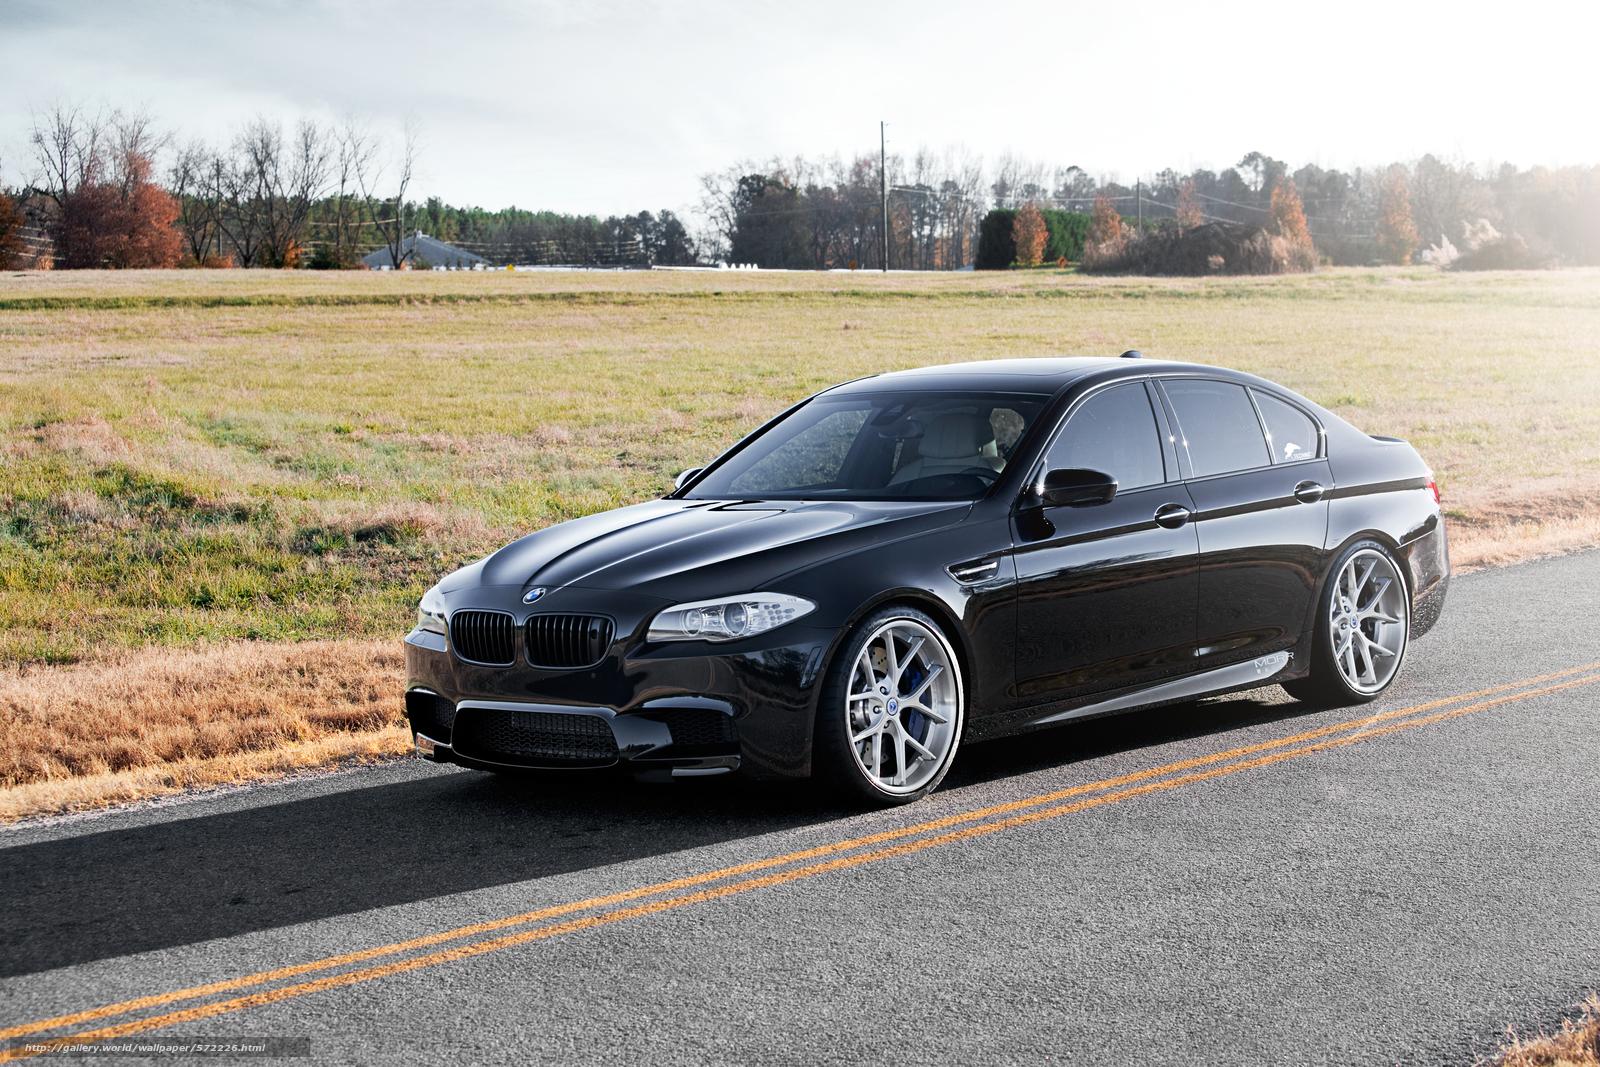 Download Hintergrund Feld,  Seitenansicht,  BMW,  BMW Freie desktop Tapeten in der Auflosung 5616x3744 — bild №572226